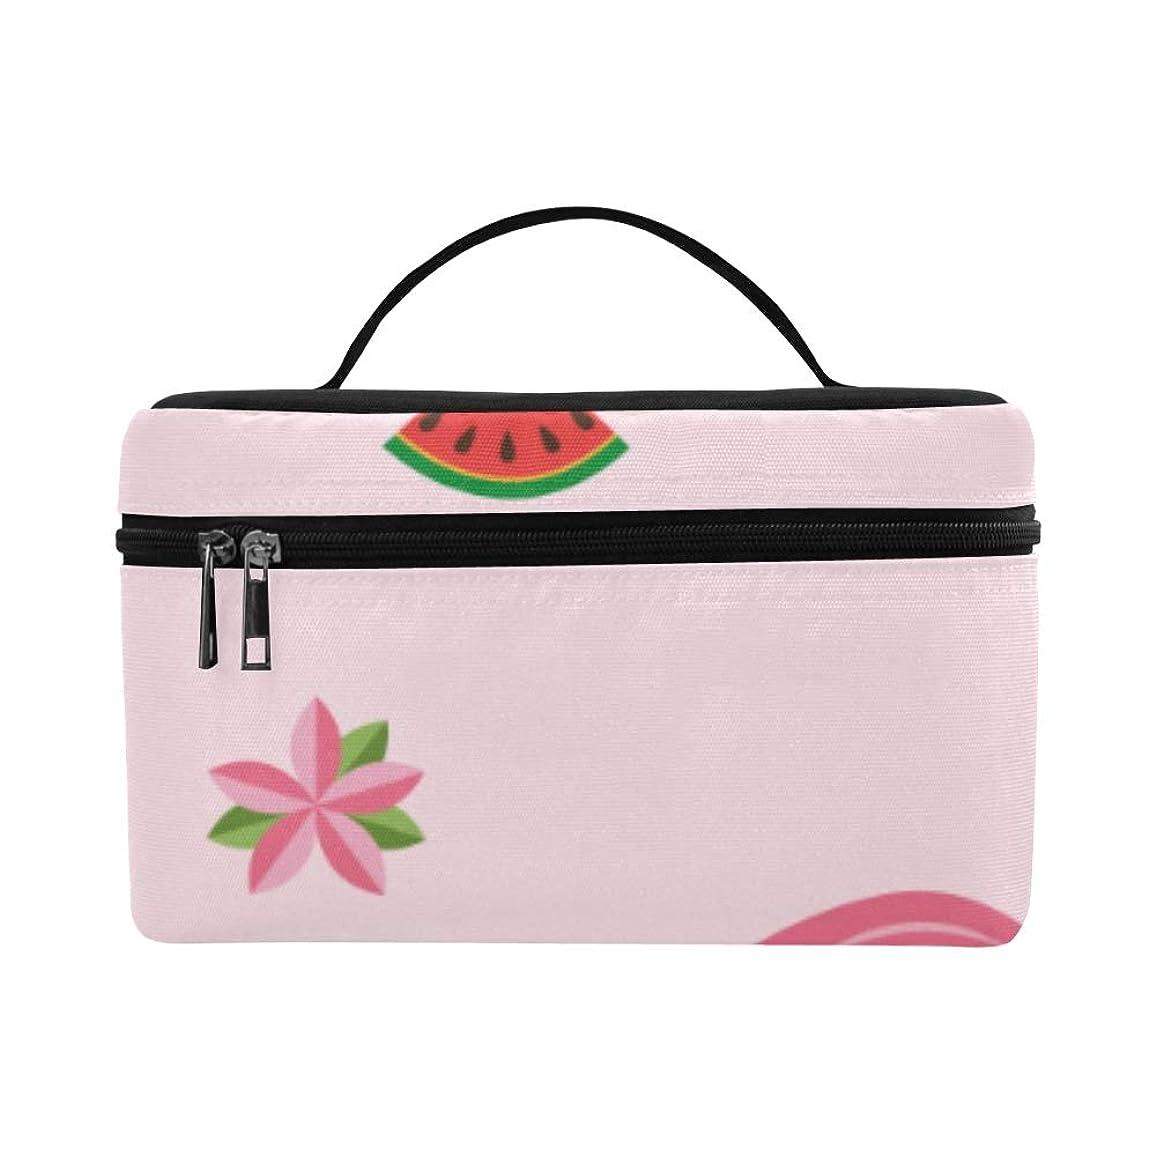 テクニカルバンガローサイドボードDMHYJ メイクボックス ピンクの動物や涼しいスイカ コスメ収納 化粧品収納ケース 大容量 収納ボックス 化粧品入れ 化粧バッグ 旅行用 メイクブラシバッグ 化粧箱 持ち運び便利 プロ用